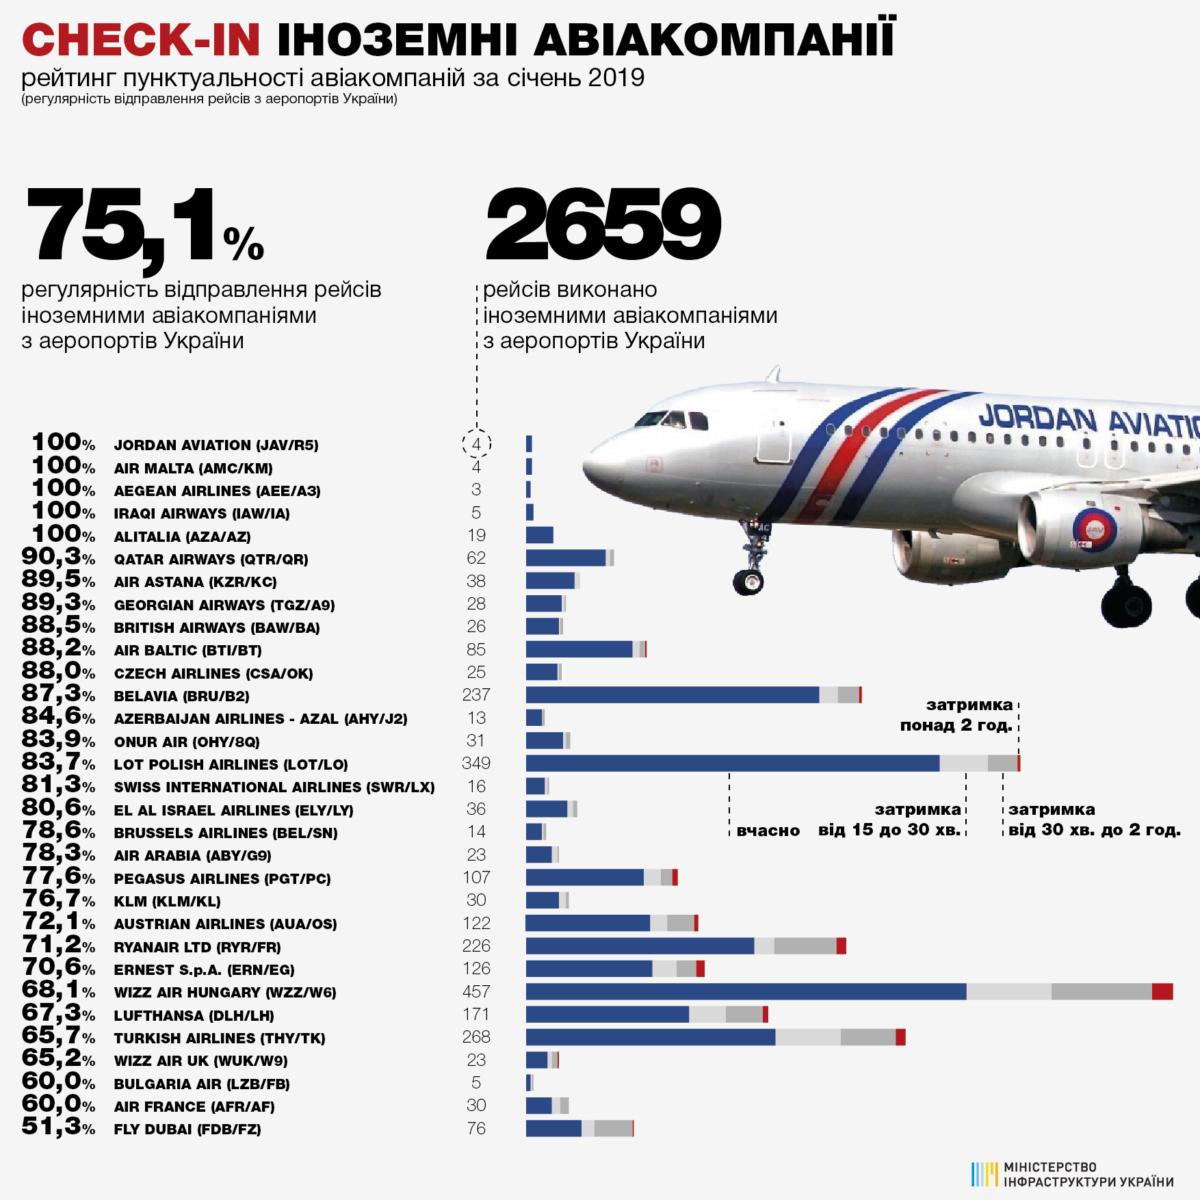 А так выглядит рейтинг пунктуальности иностранных авиакомпаний